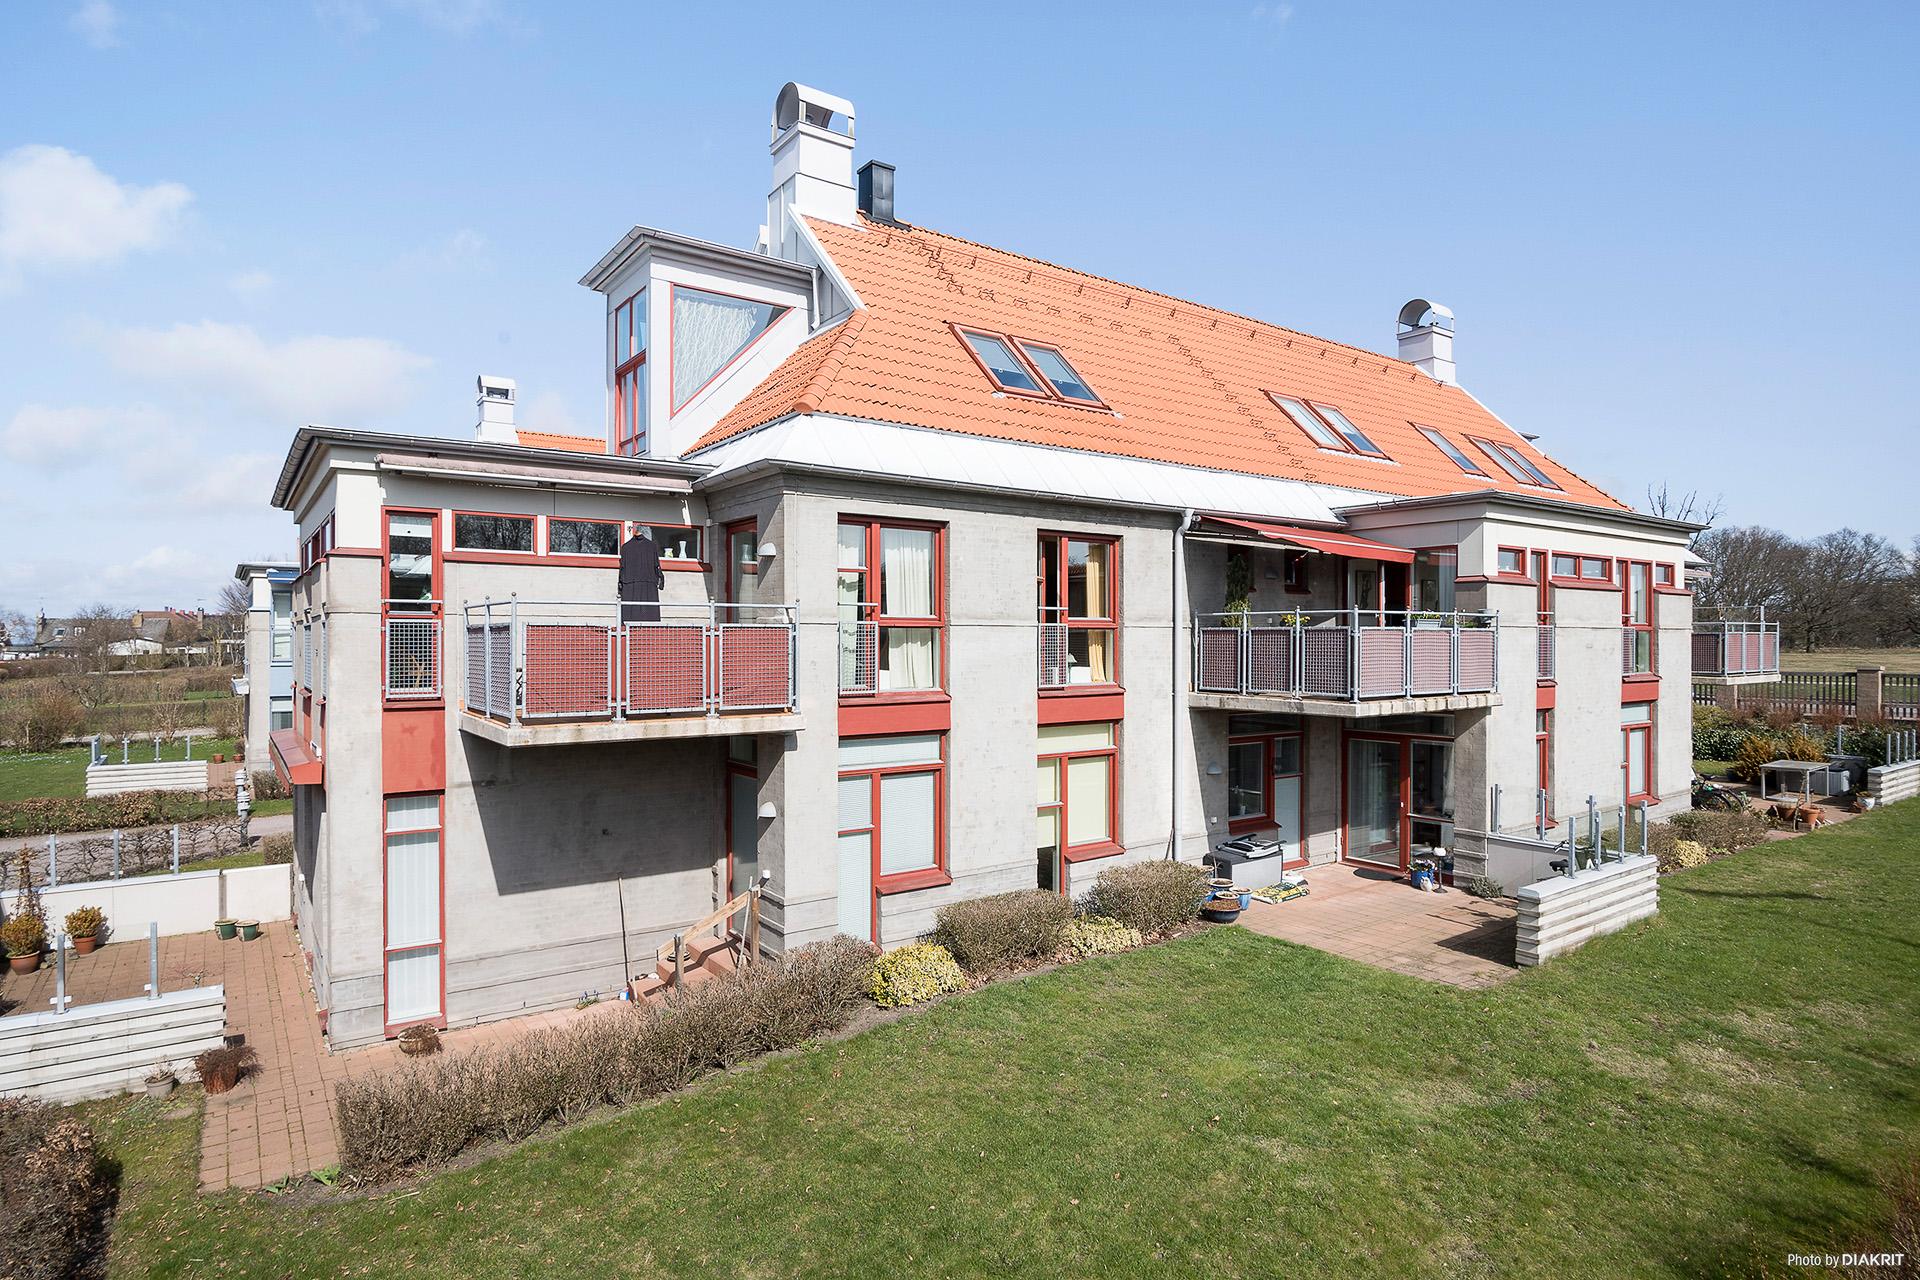 Fasad balkongsida (balkongen i mitten tillhör den aktuella bostadsrätten)